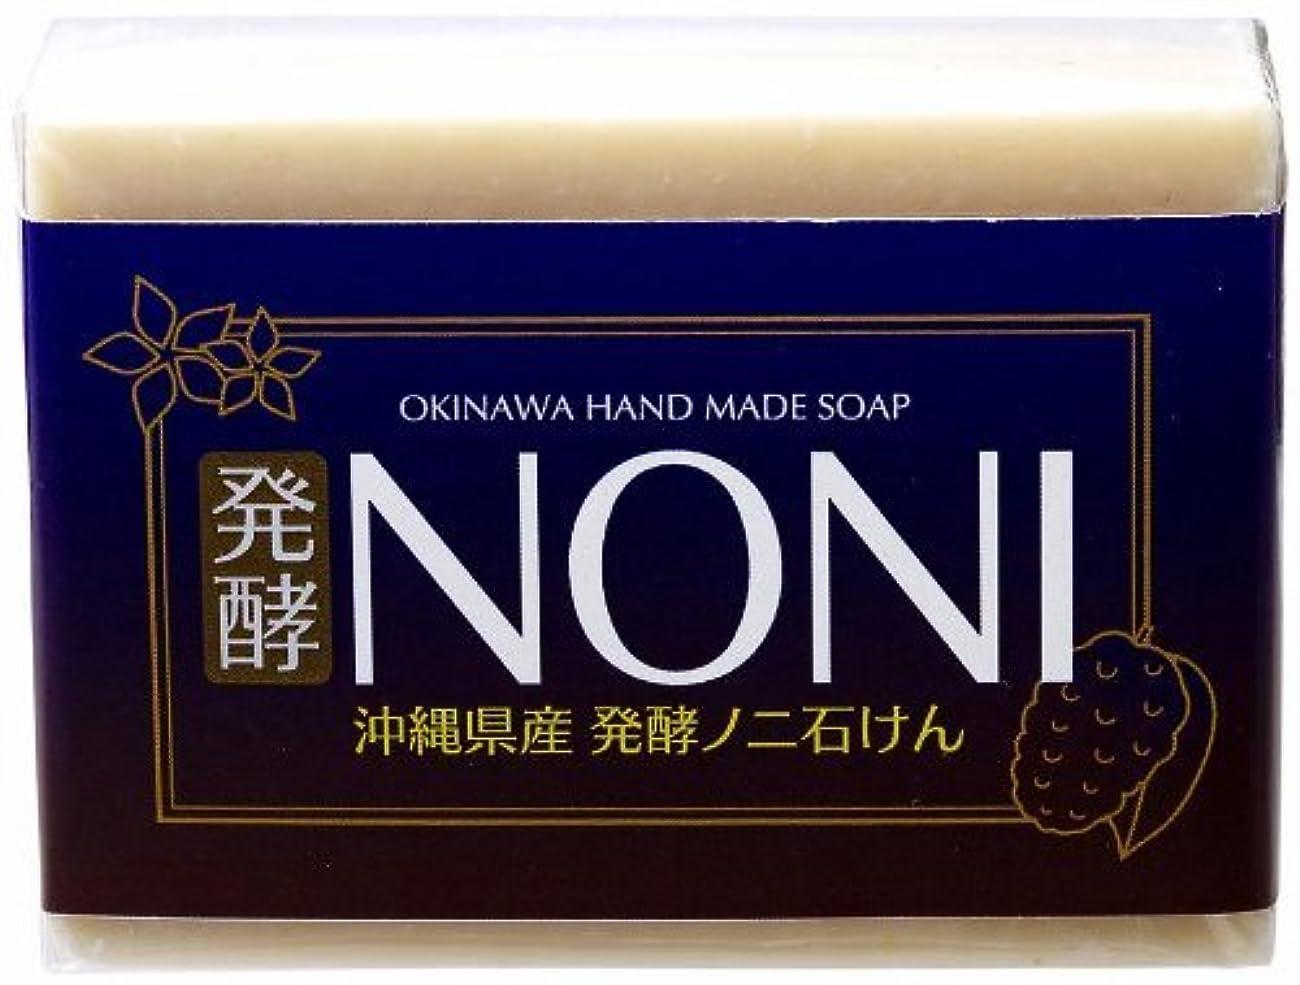 多用途検体スタウト沖縄 手作り ナチュラル洗顔 NONI石鹸 100g×4個 GreenEarth 発酵ノニを使用した保湿力の高いナチュラルソープ